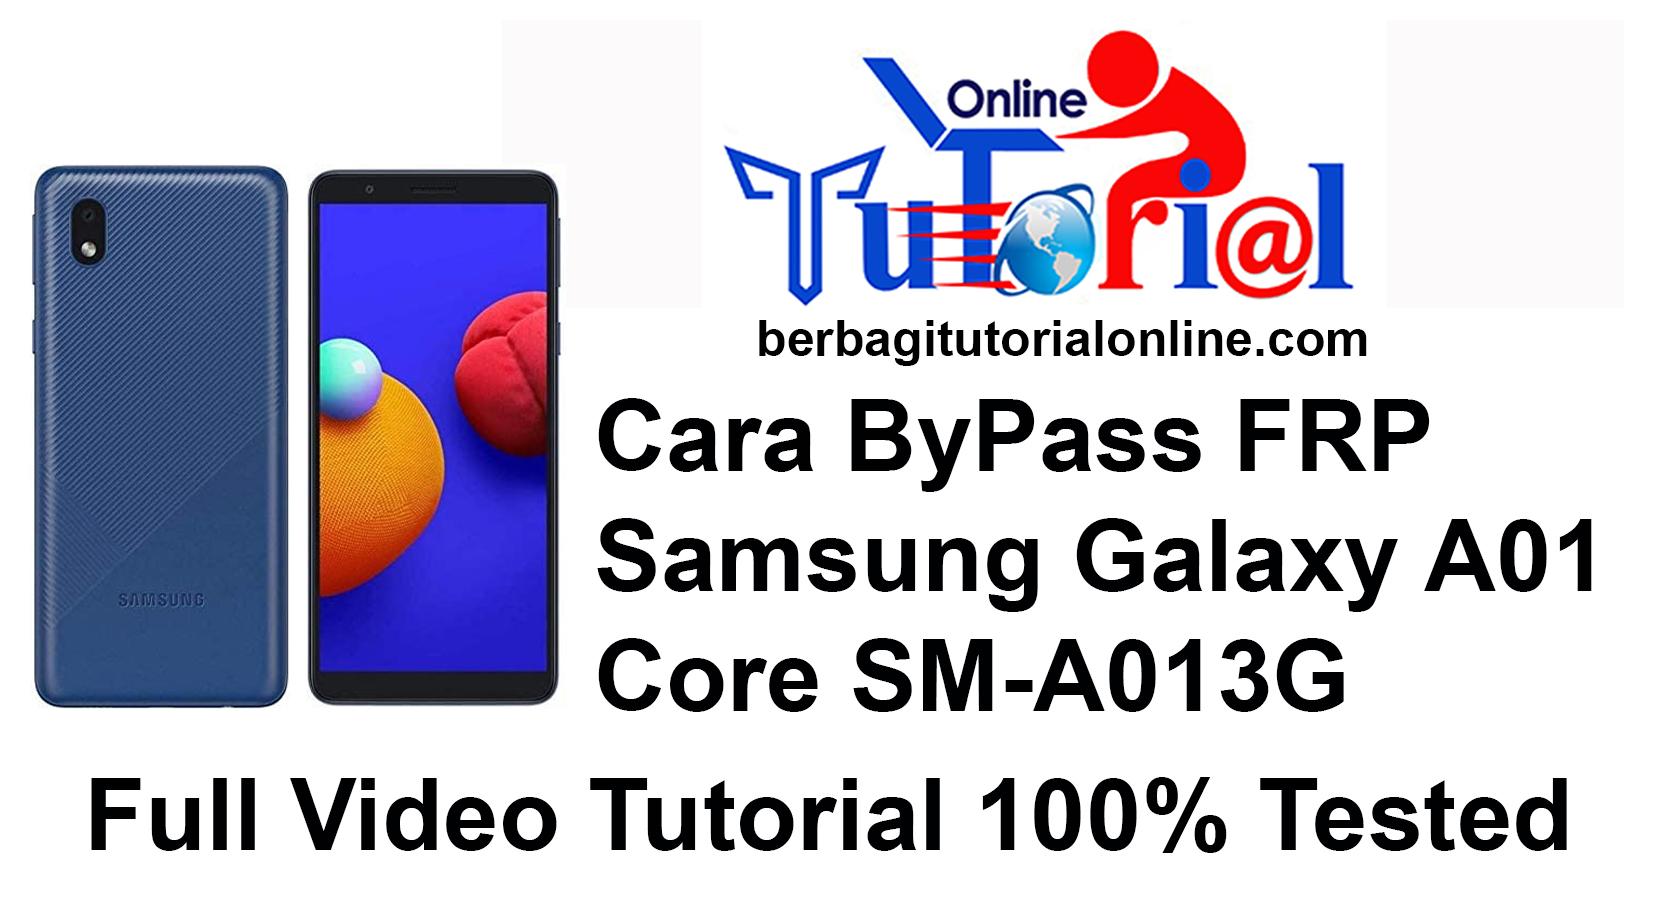 Cara ByPass FRP Samsung Galaxy A01 Core SM-A013G